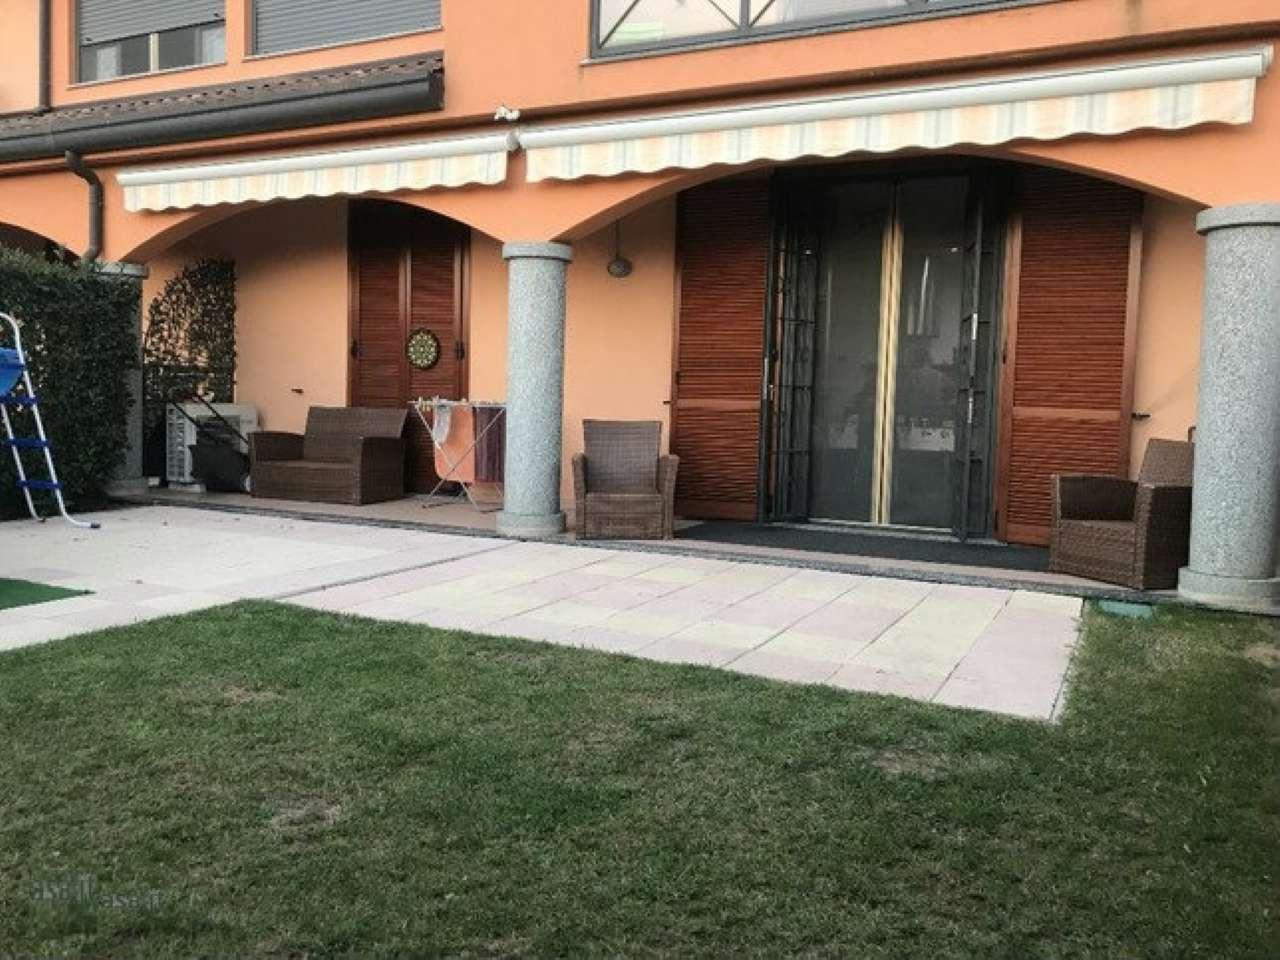 Appartamento in vendita a Casorezzo, 3 locali, prezzo € 175.000 | CambioCasa.it